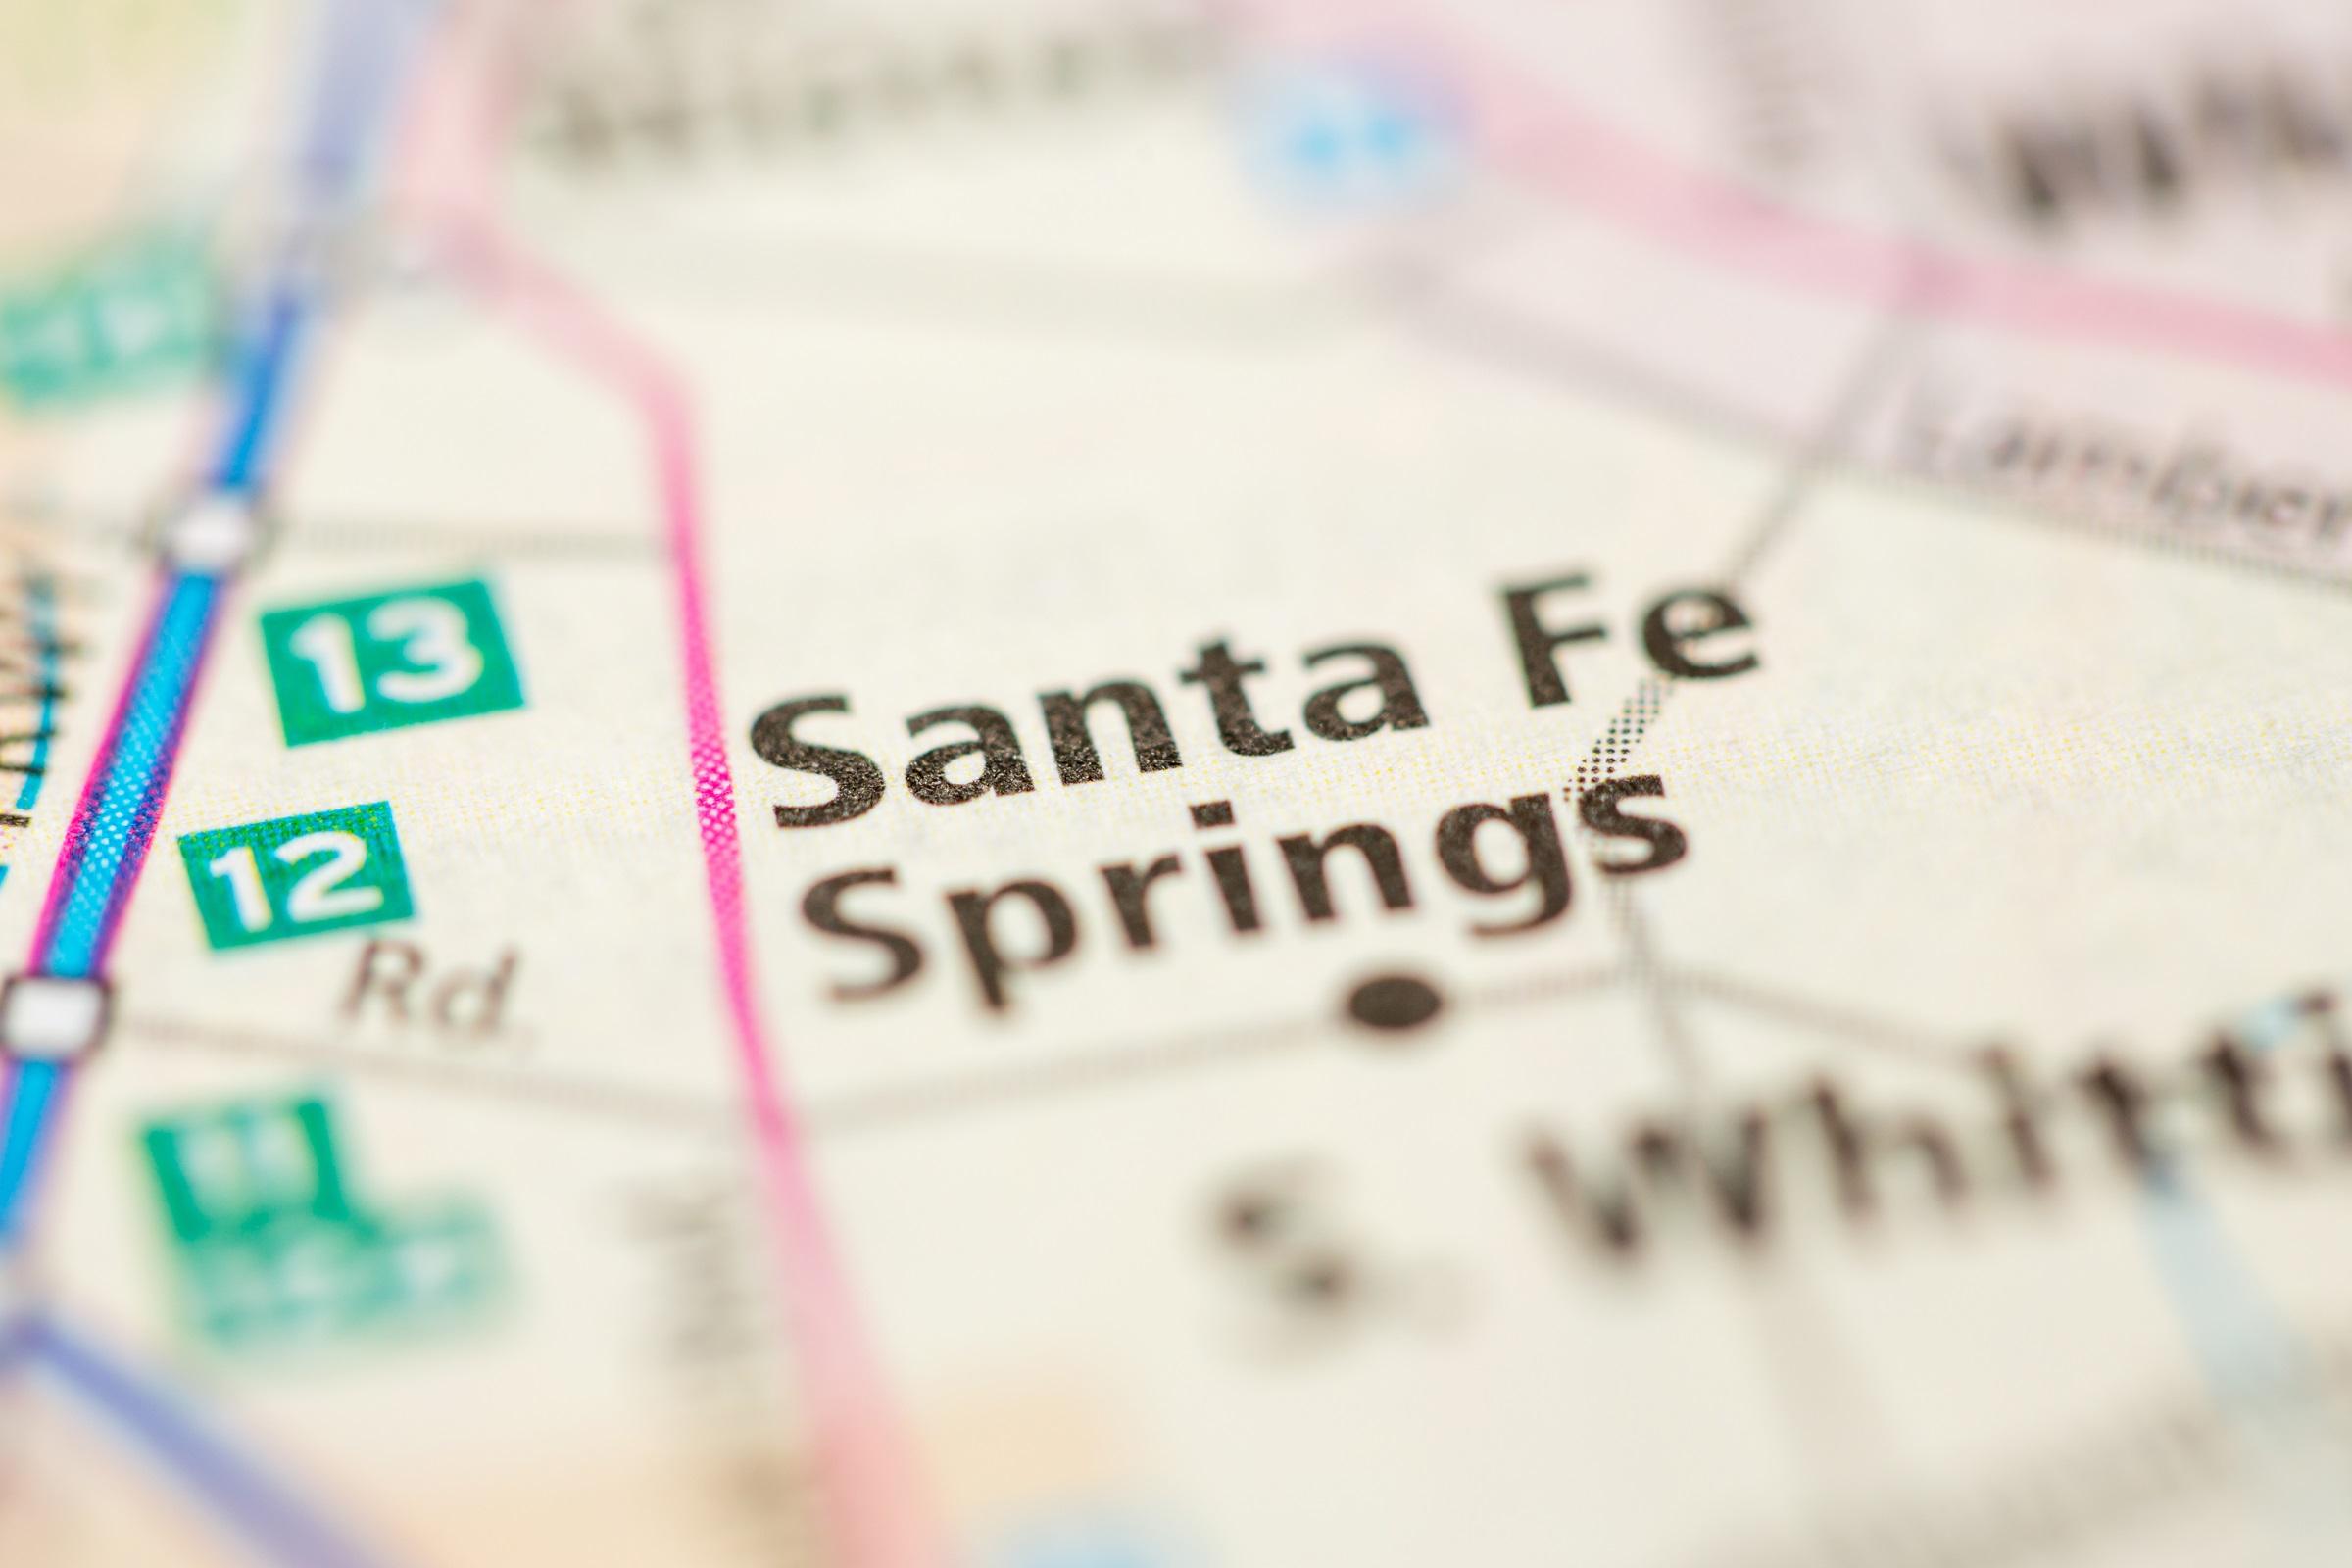 Map of Santa Fe Springs CA